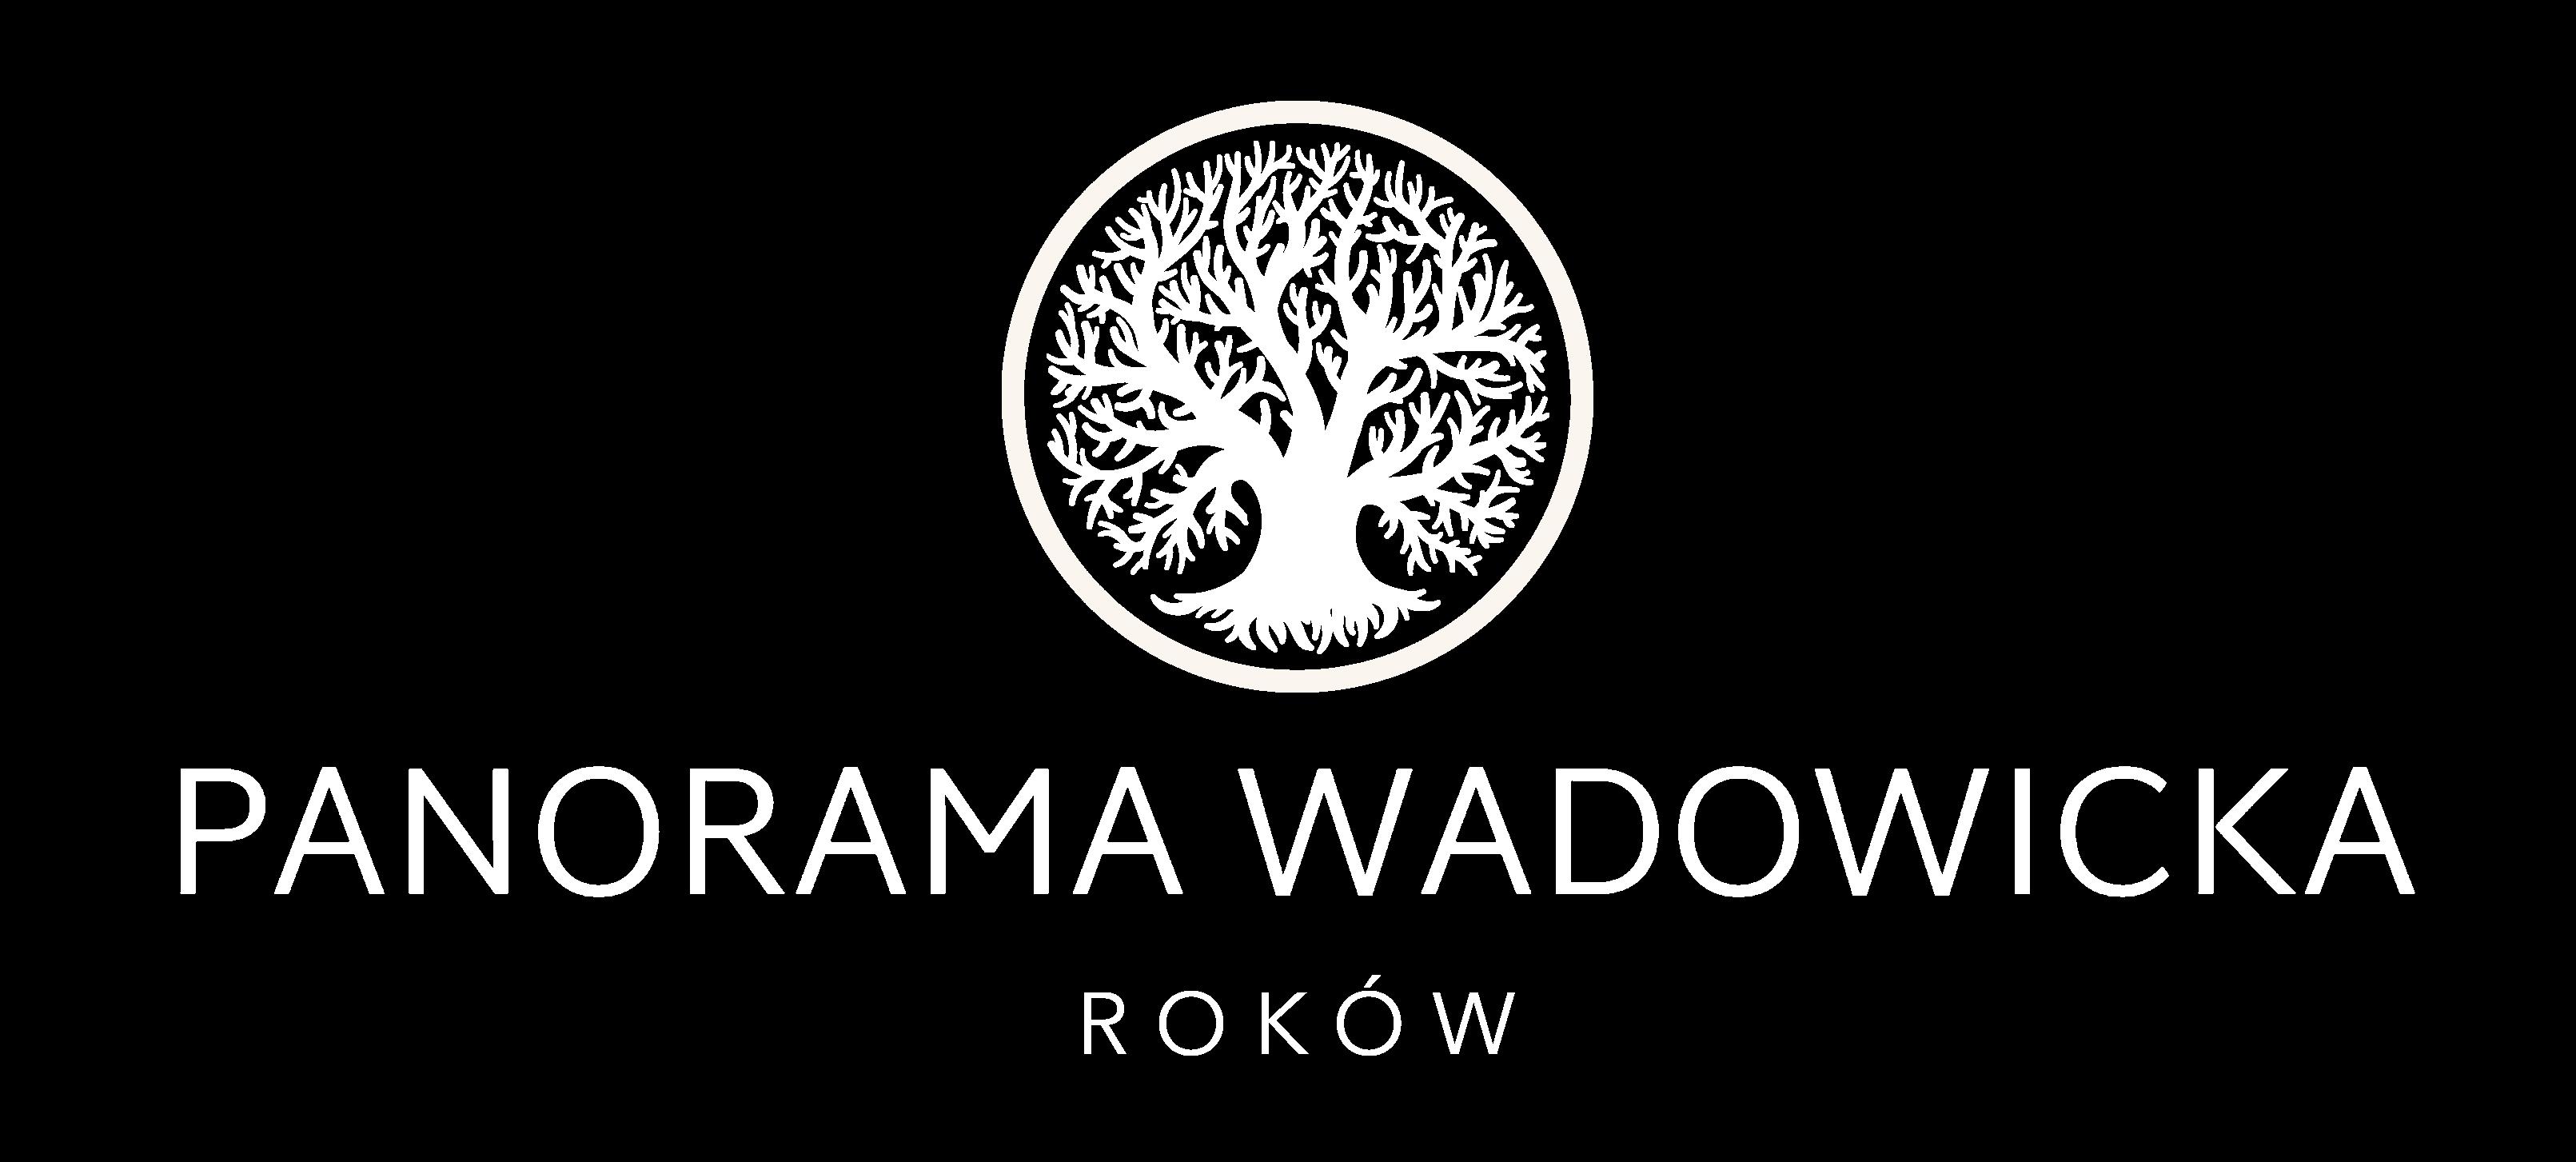 Panorama Wadowicka